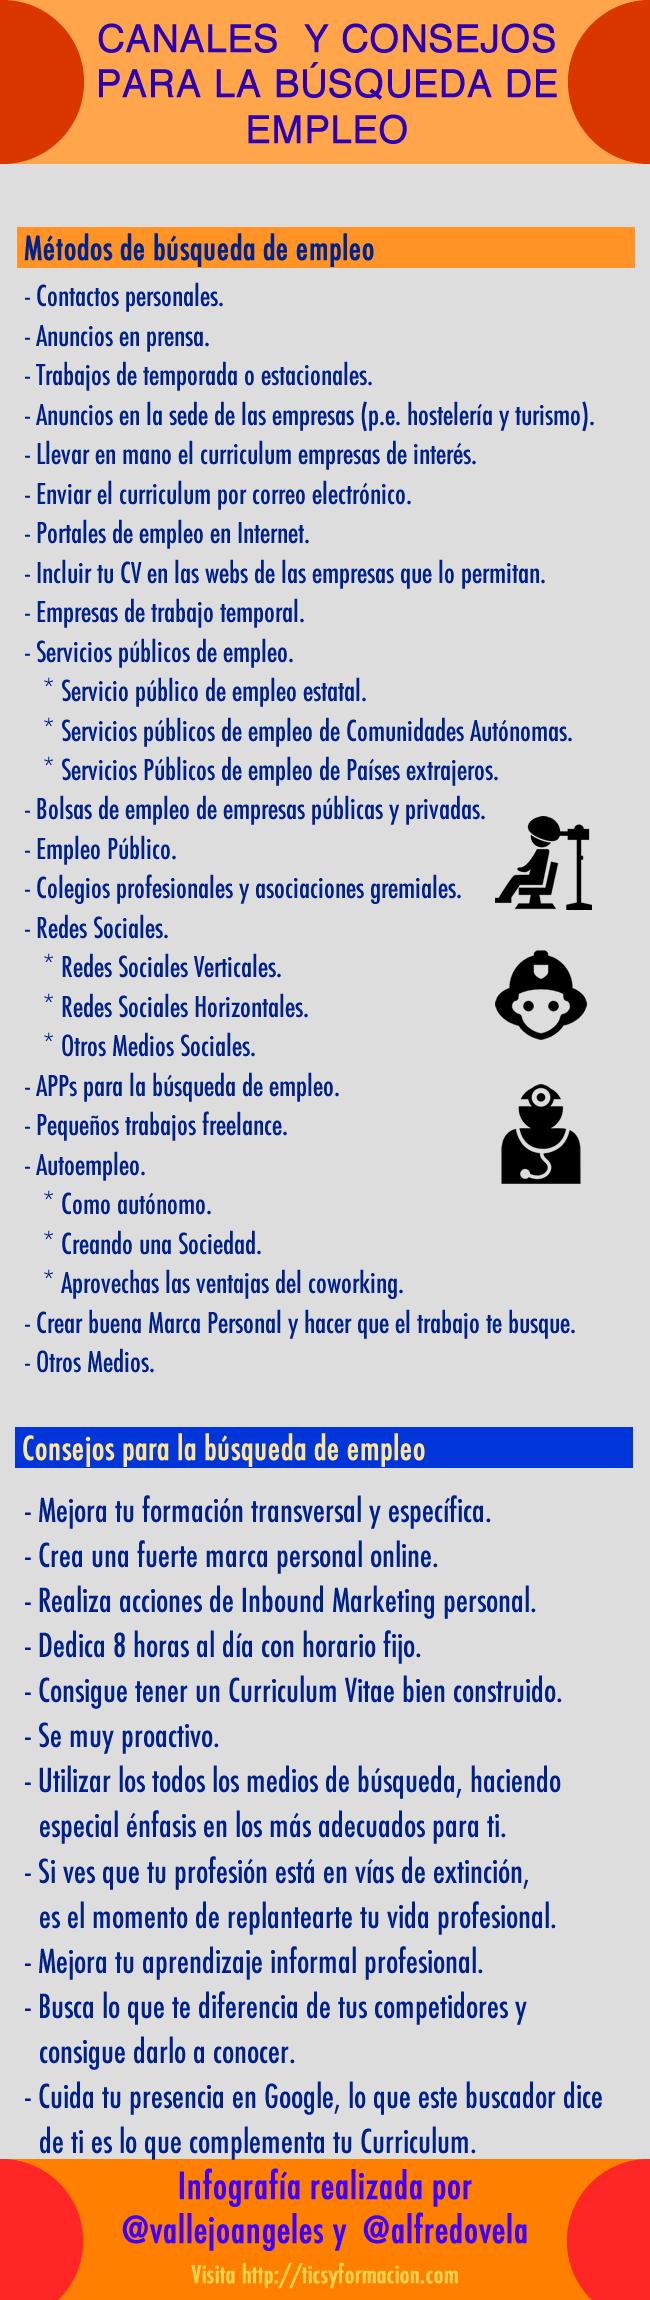 Canales y consejos para la búsqueda de empleo (versión 2)